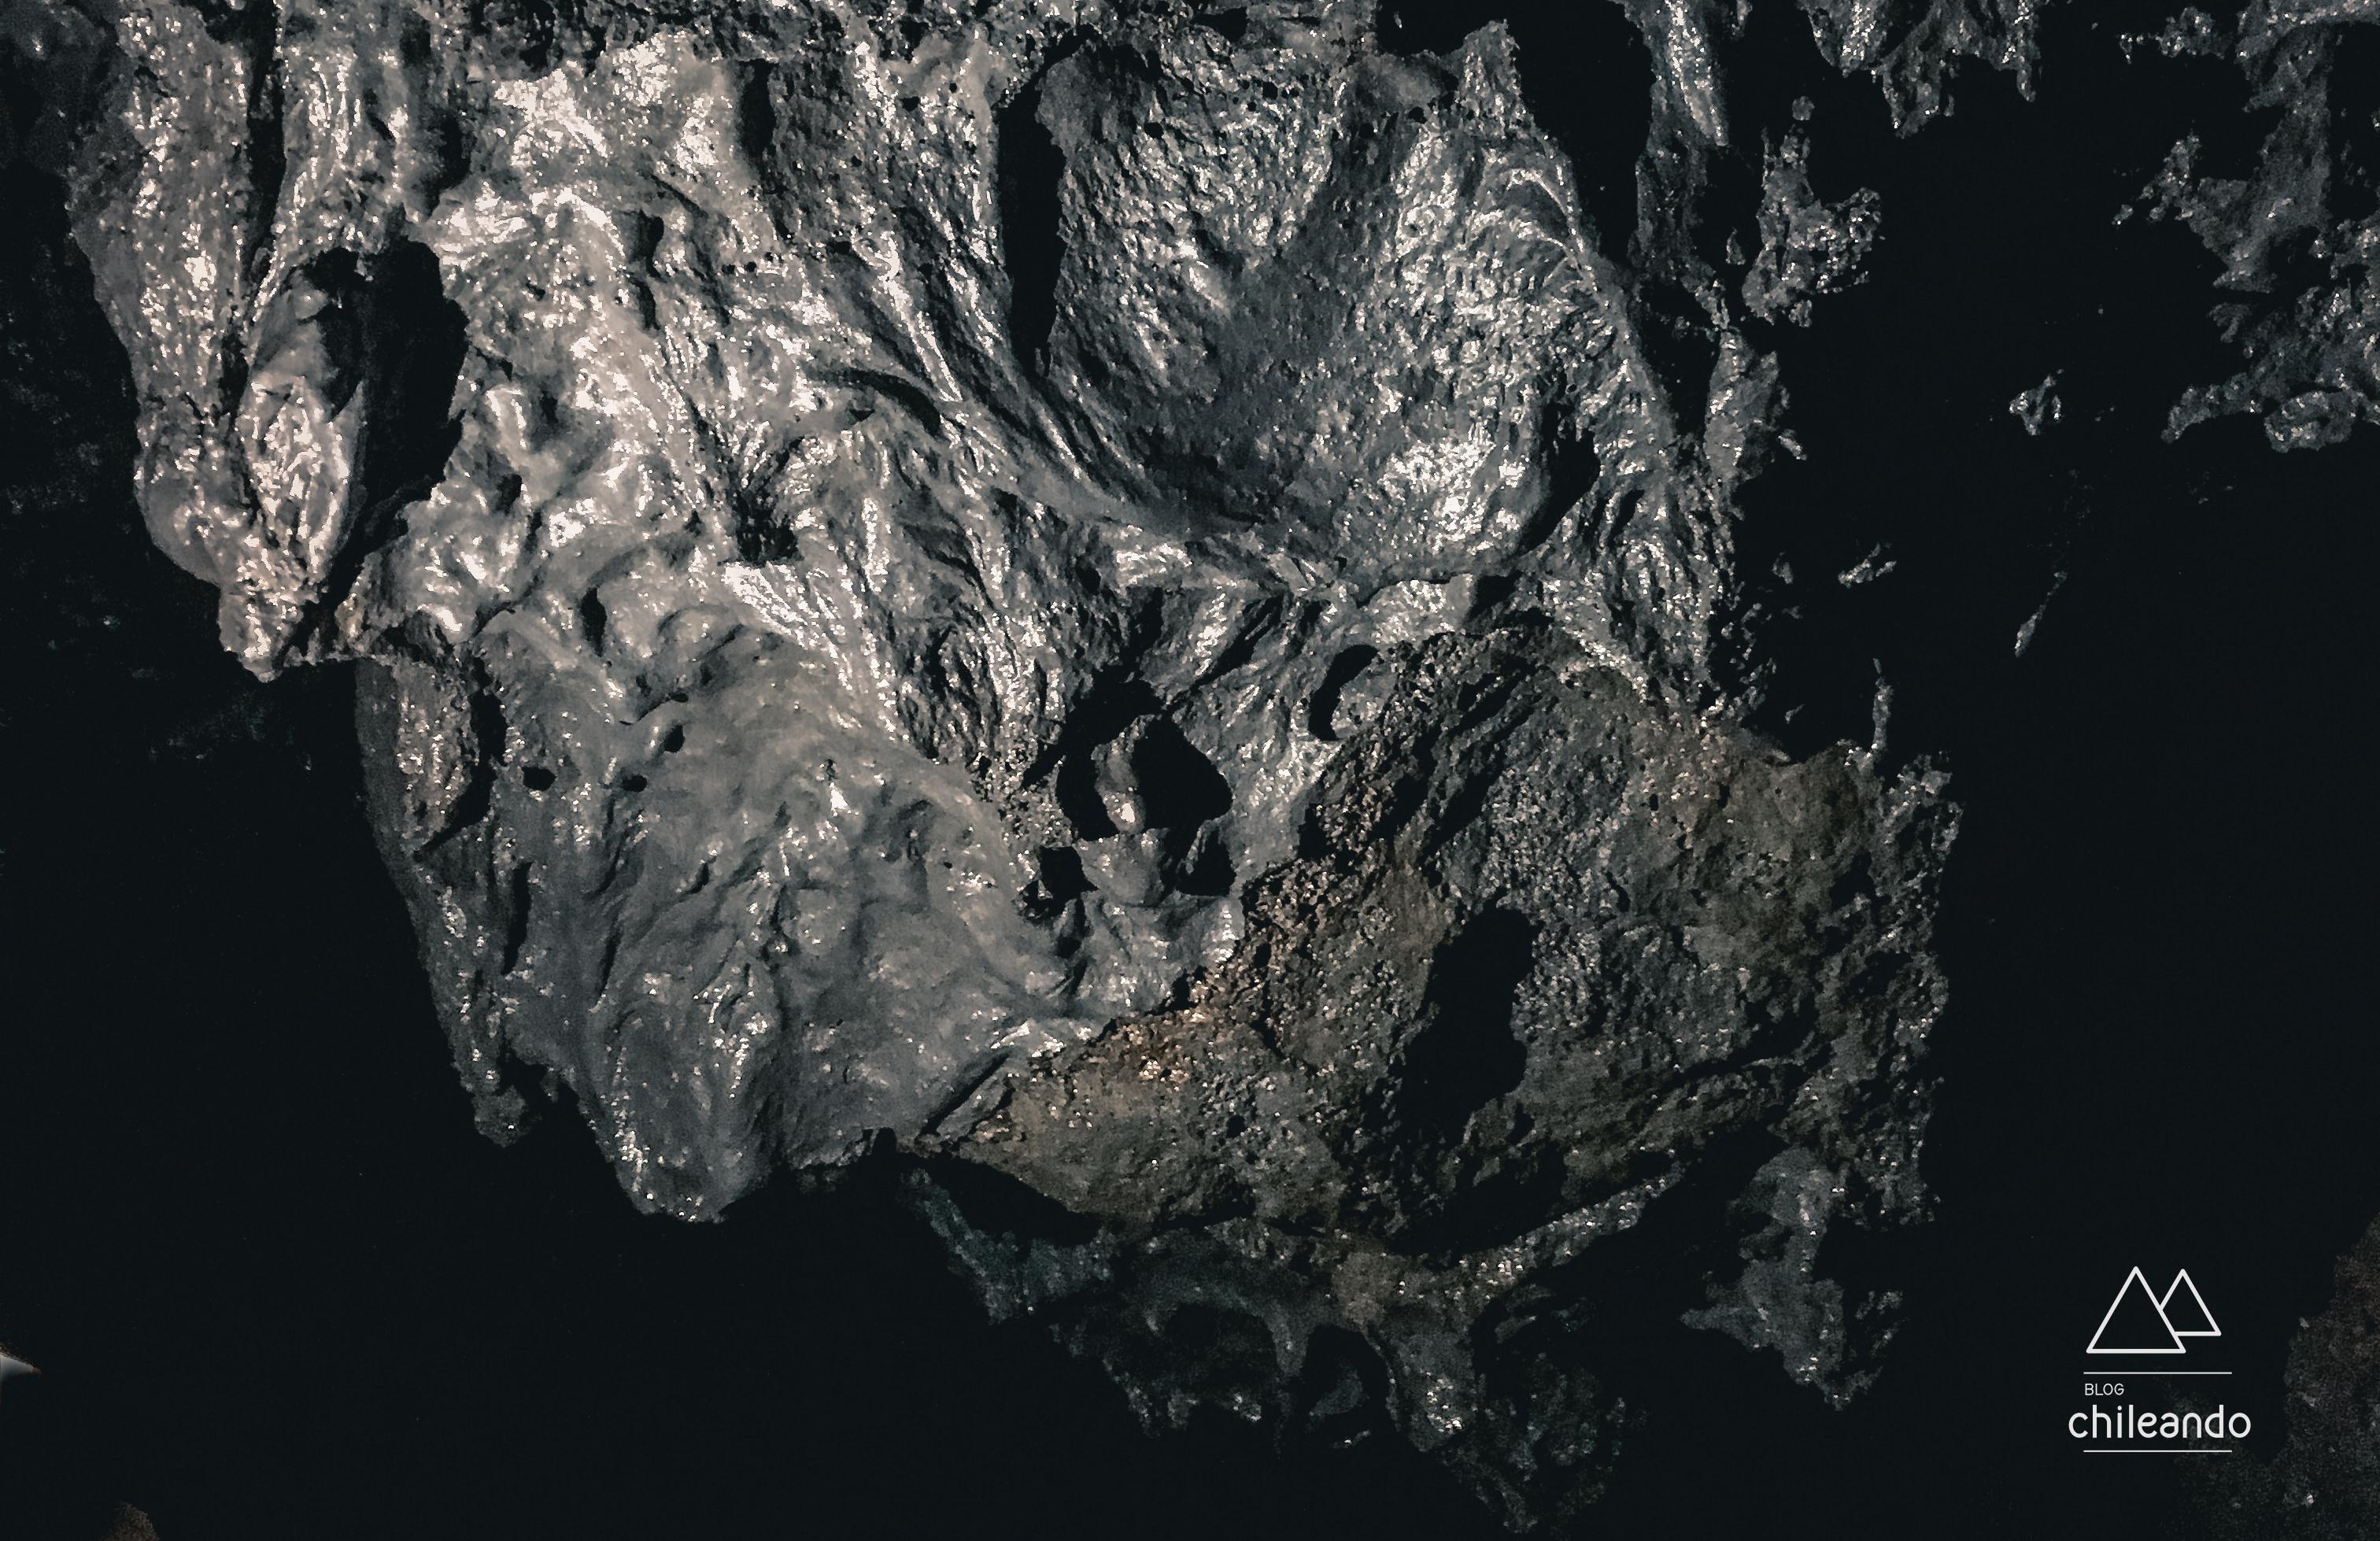 Parede de lava negra